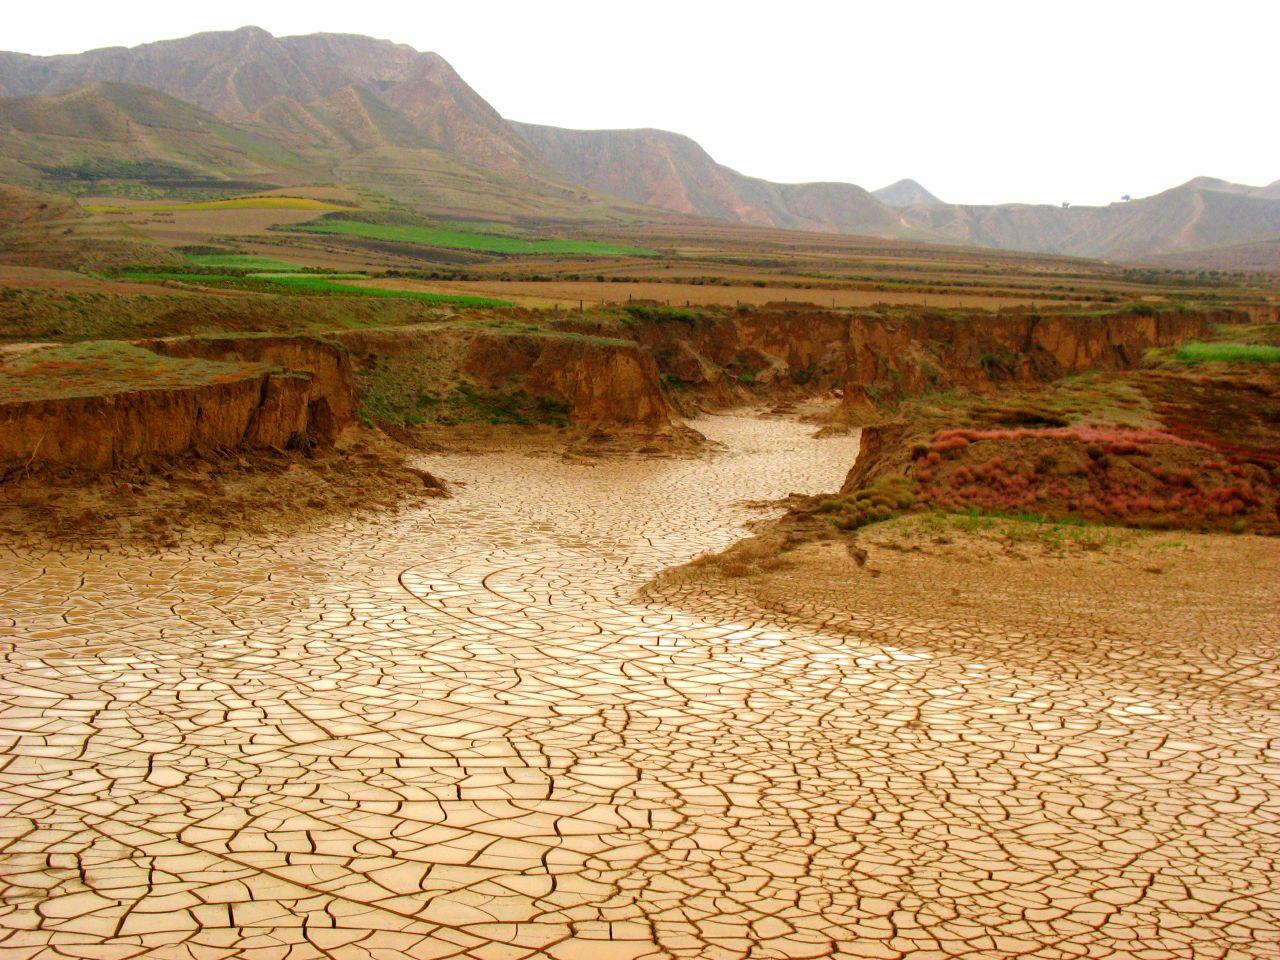 https://songwriterstipjar.files.wordpress.com/2008/10/dry-riverbed.jpg